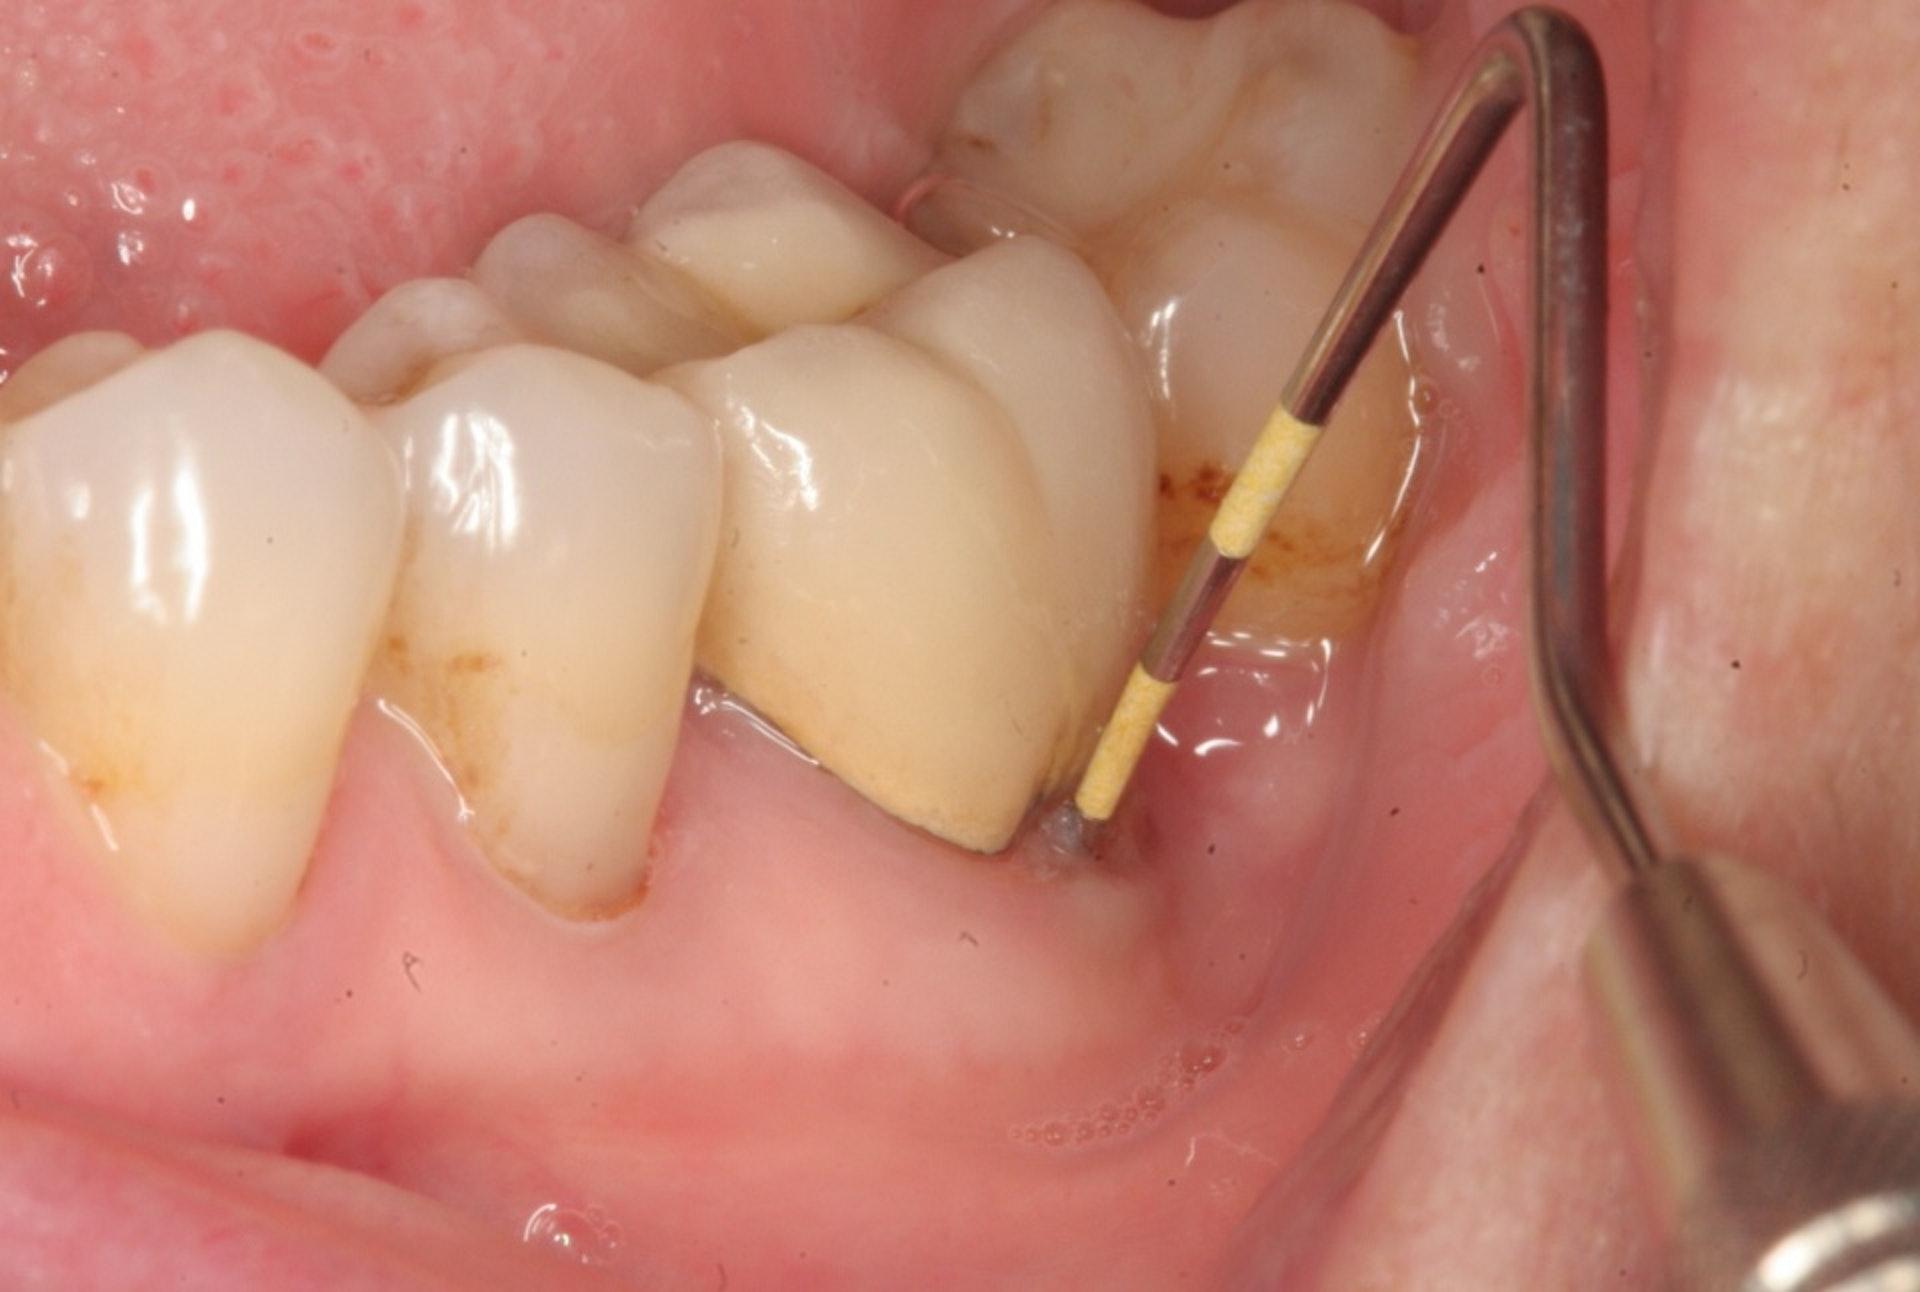 嚴重的牙周病患者,或需接受牙周手術,利用牙科儀器清刮牙根表面。(圖片:read01)